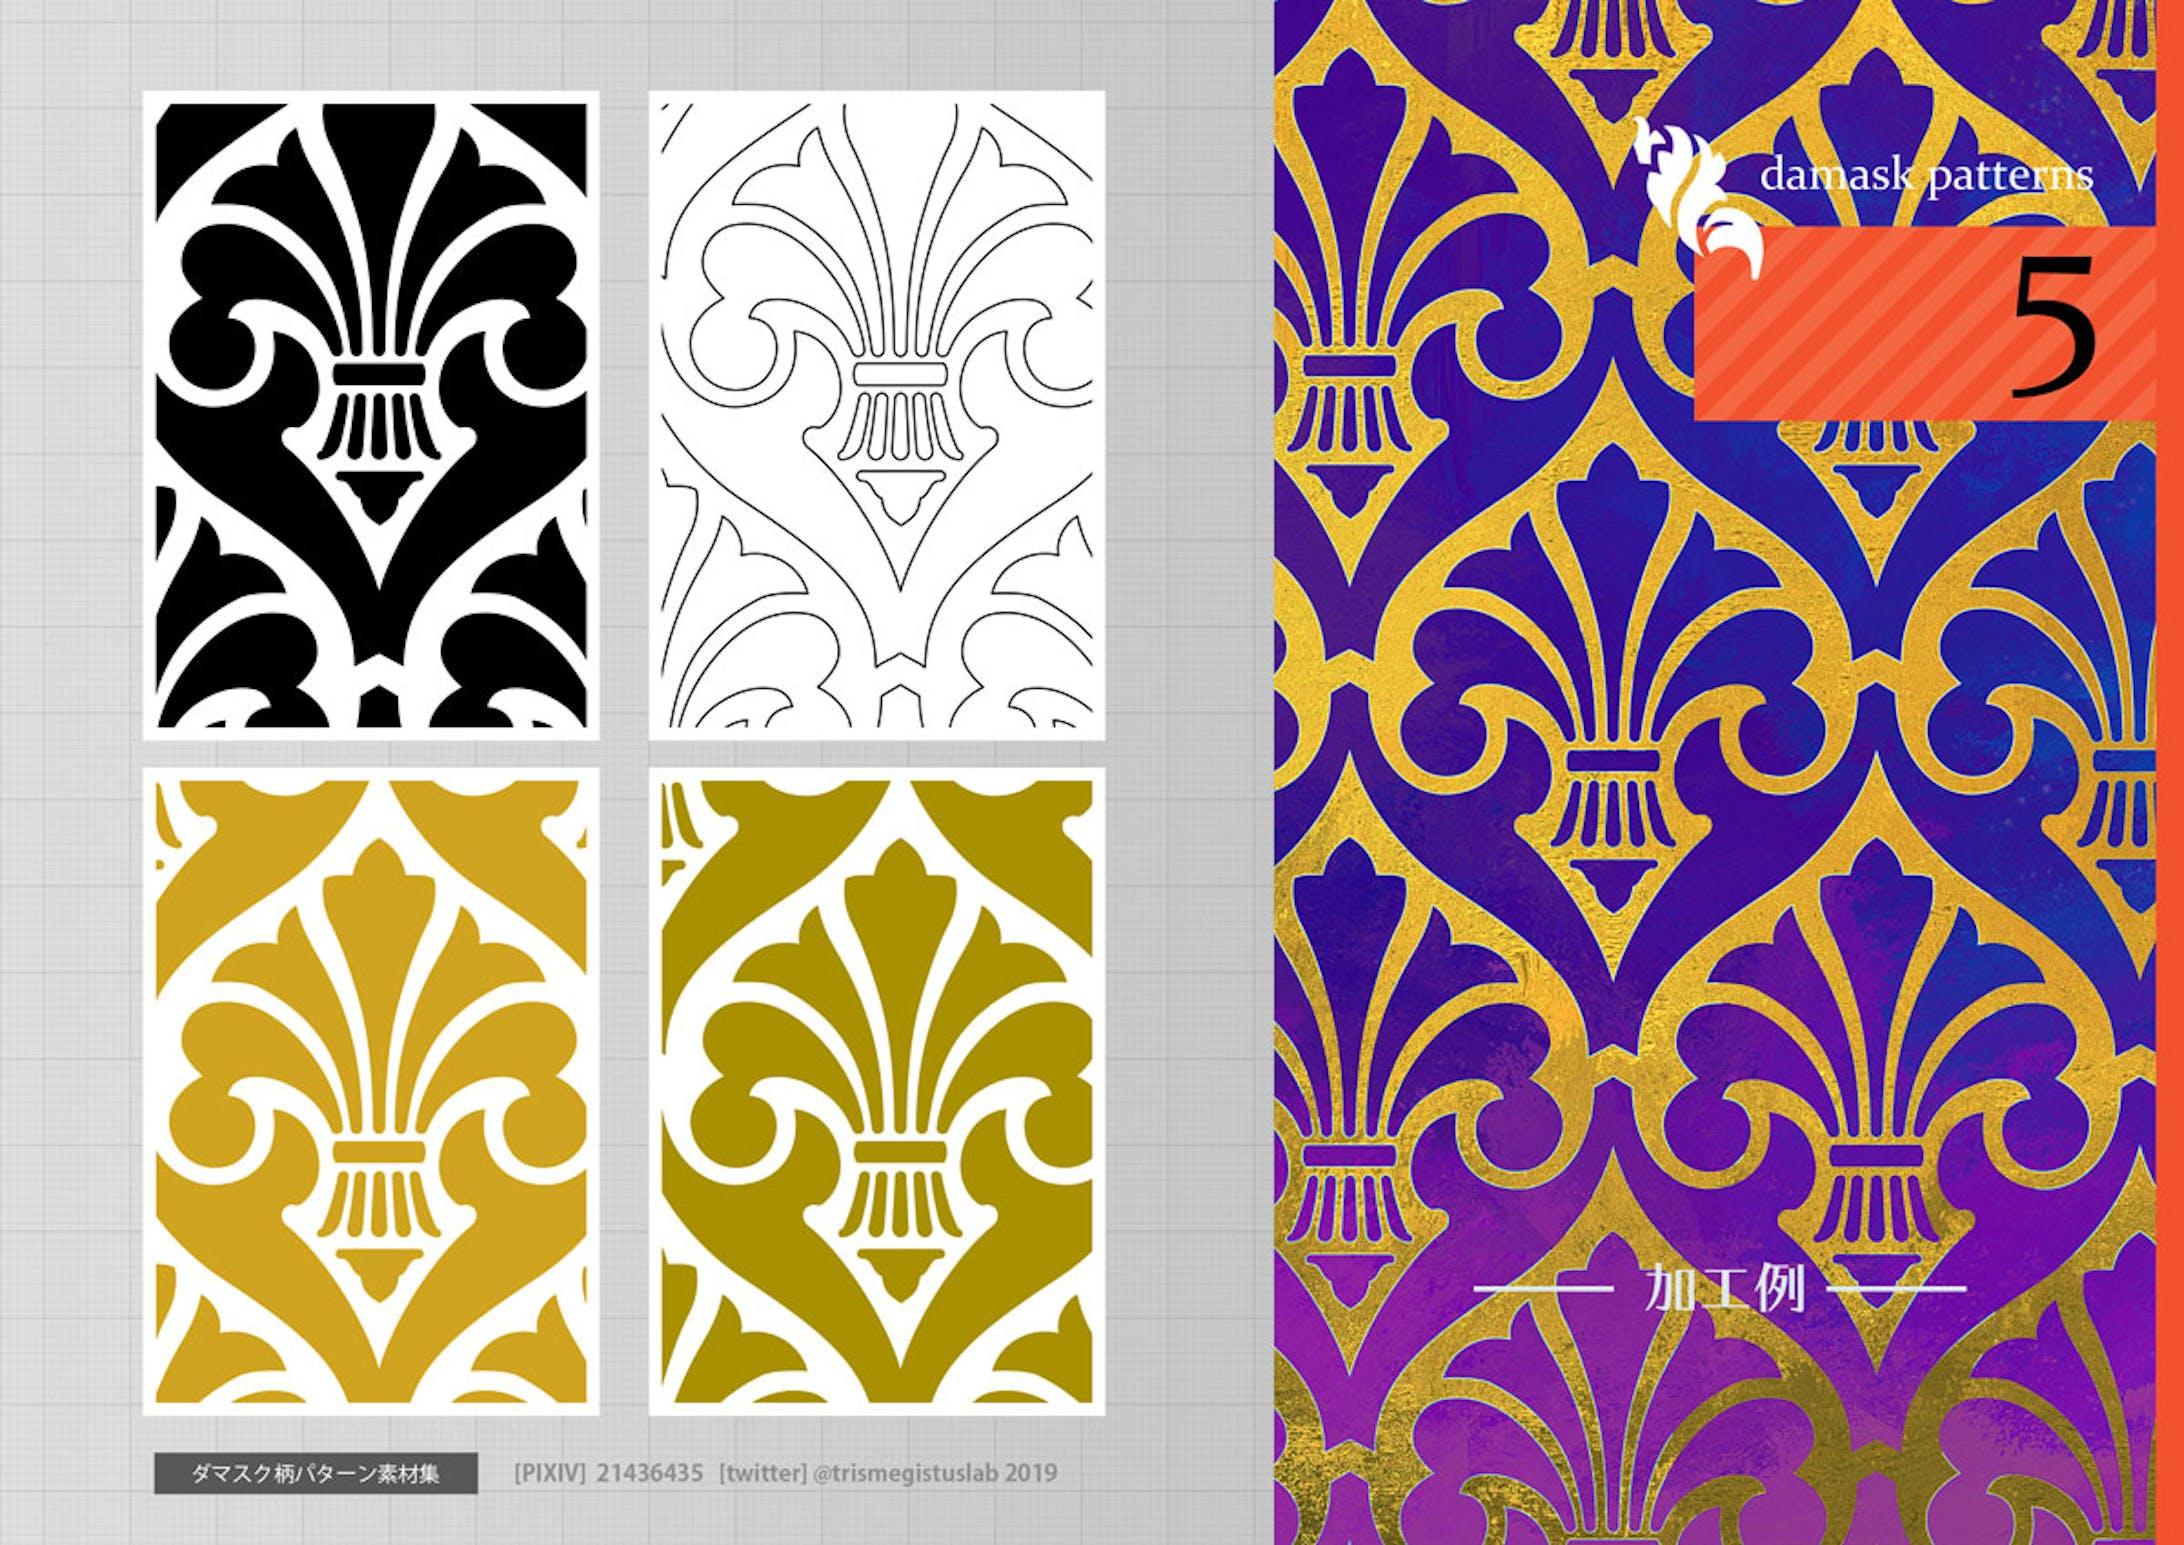 Illustratorでのシームレスパターン作成-6